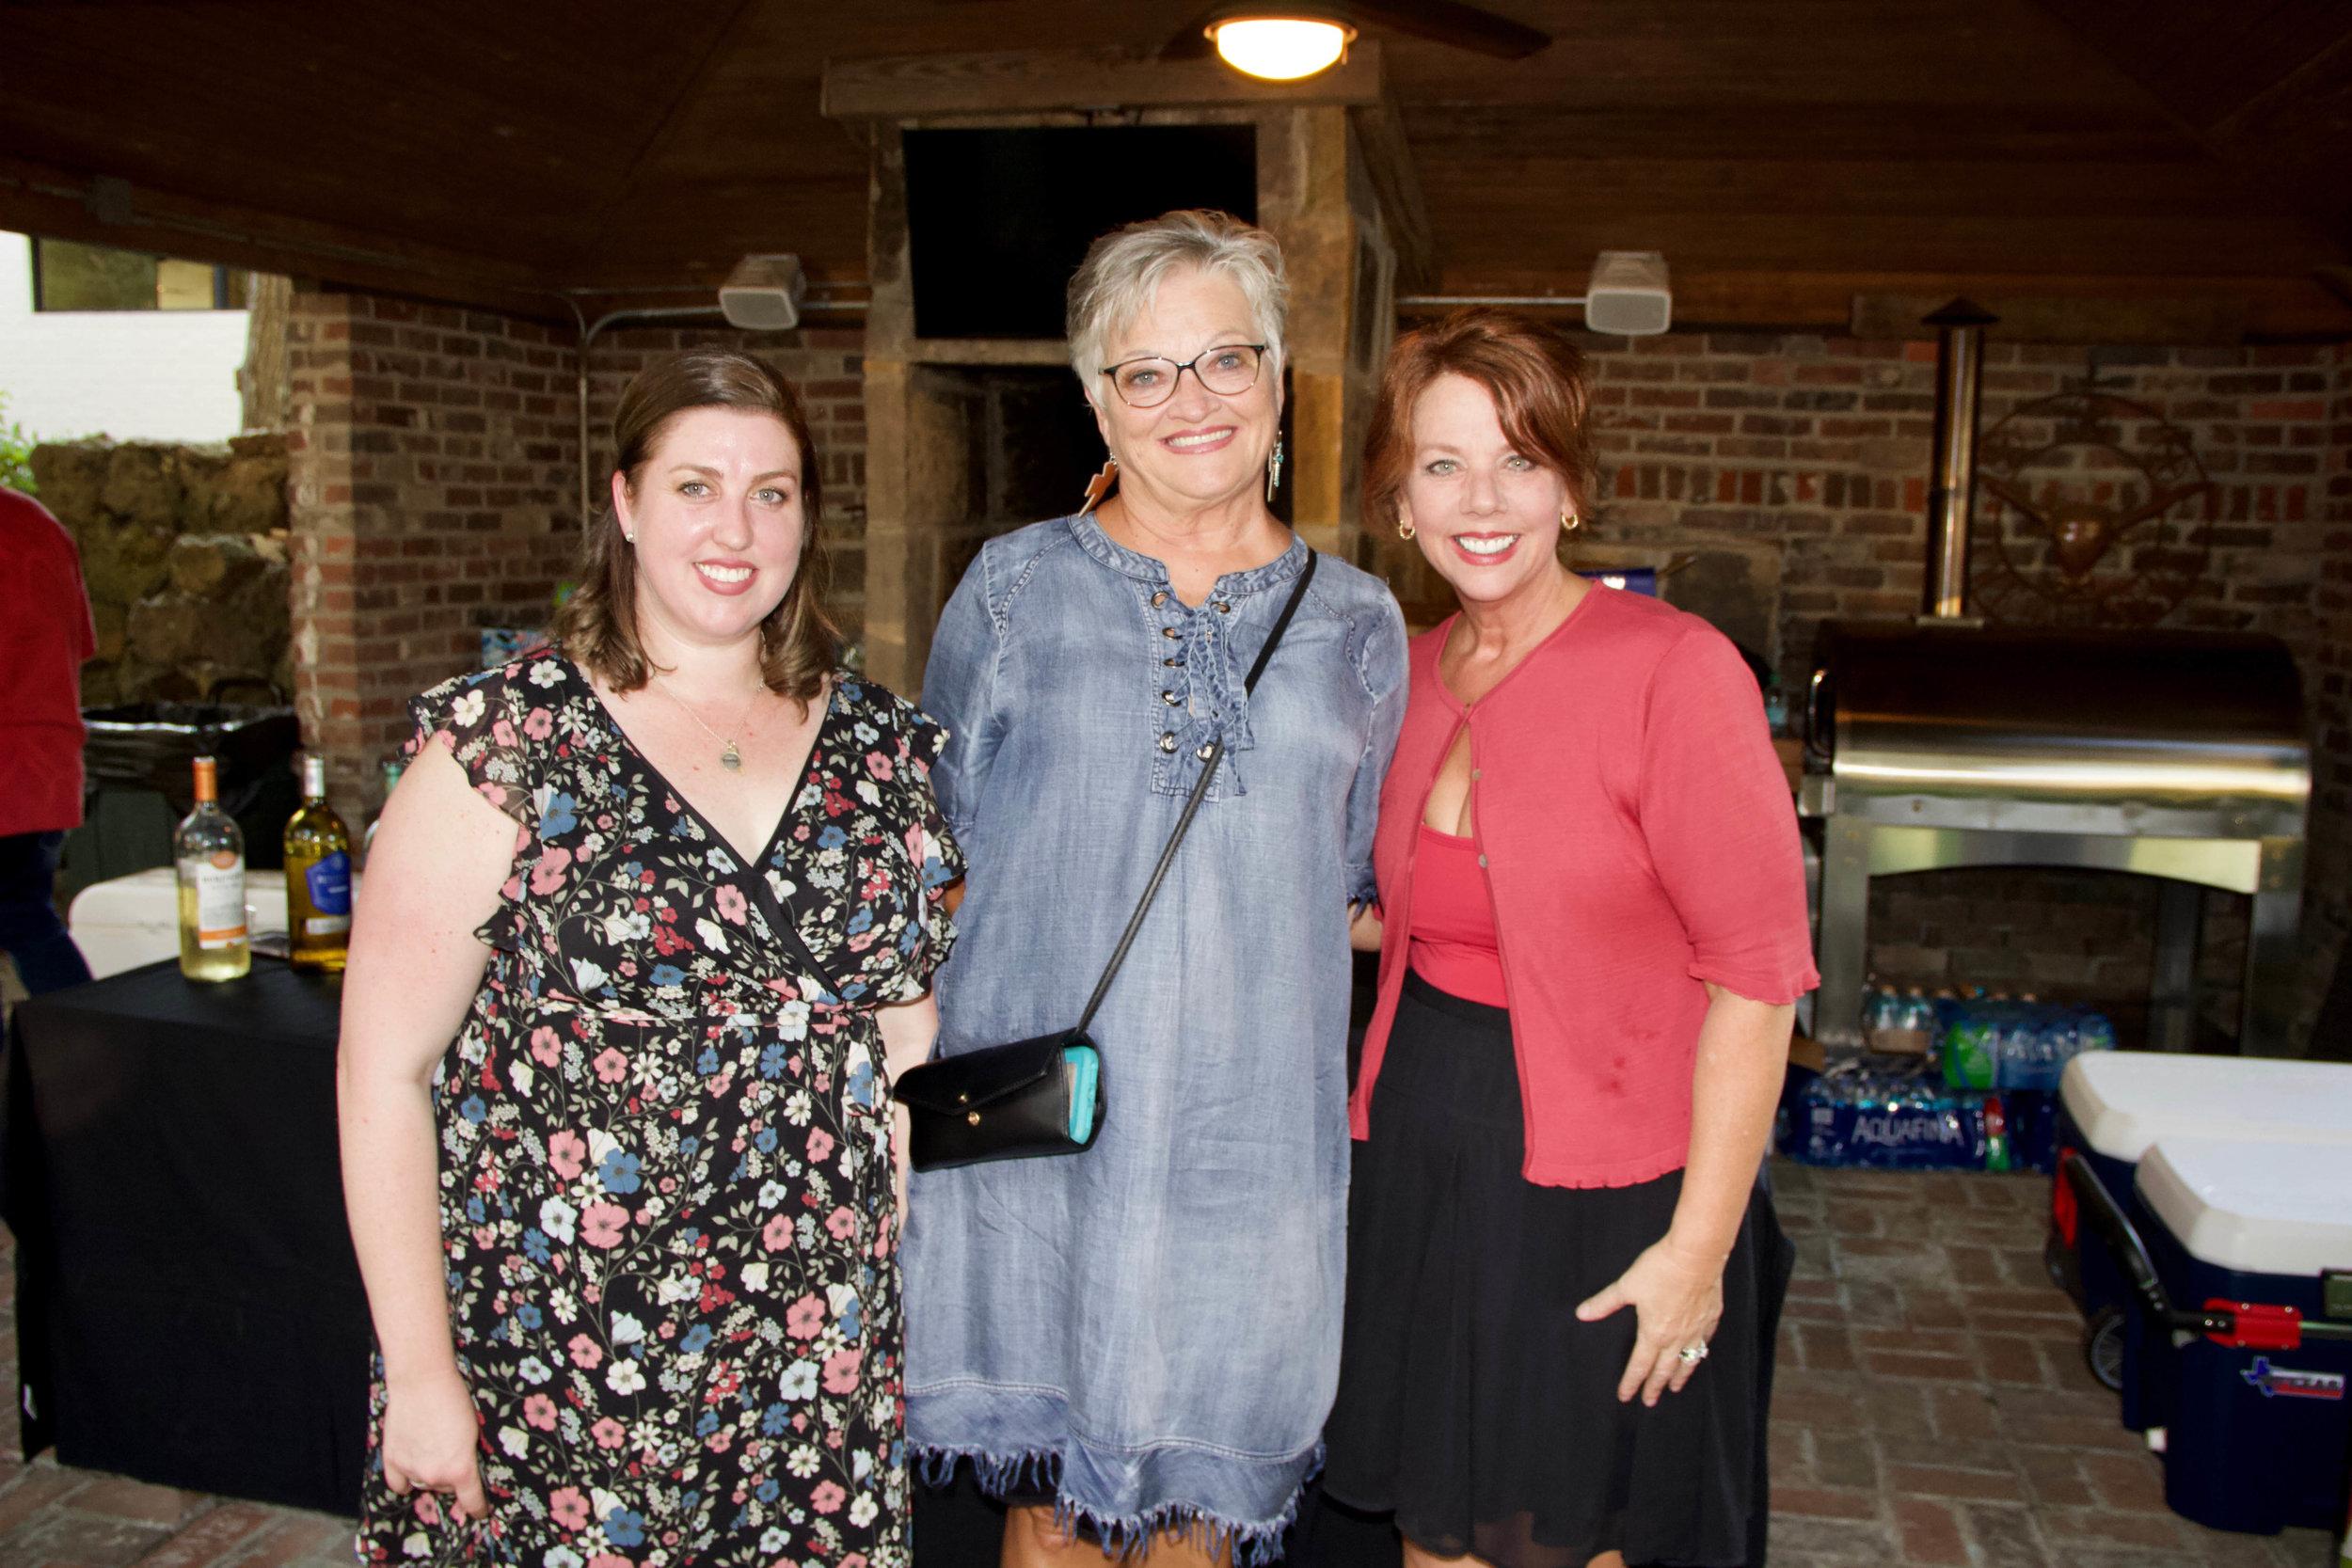 Jennifer Lewis, Nancy Luman and Michelle Walraven